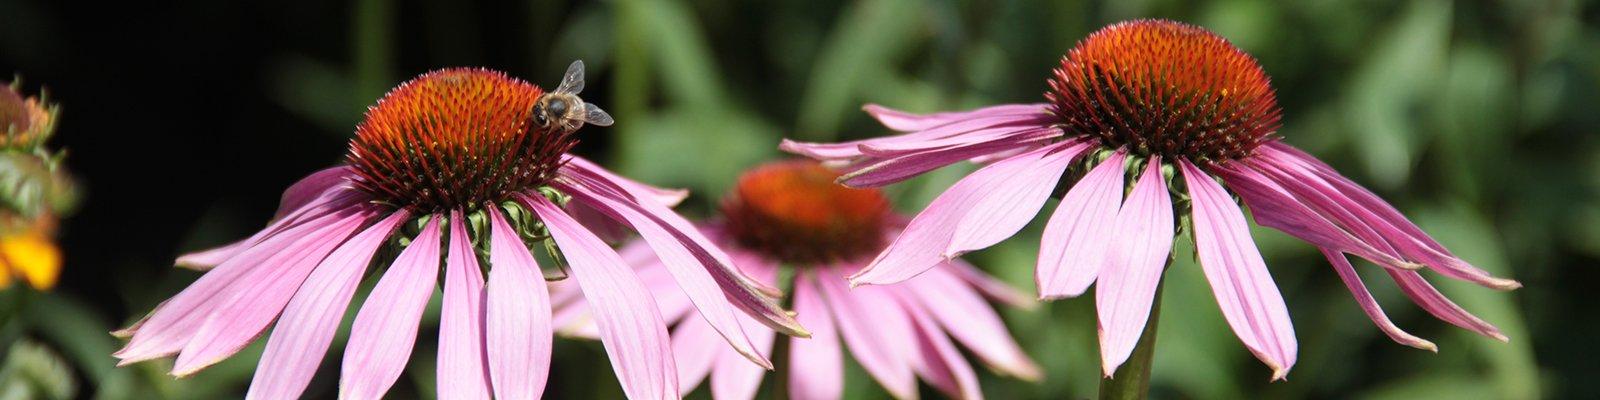 Echinacea purpurea, Rode zonnehoed met bij